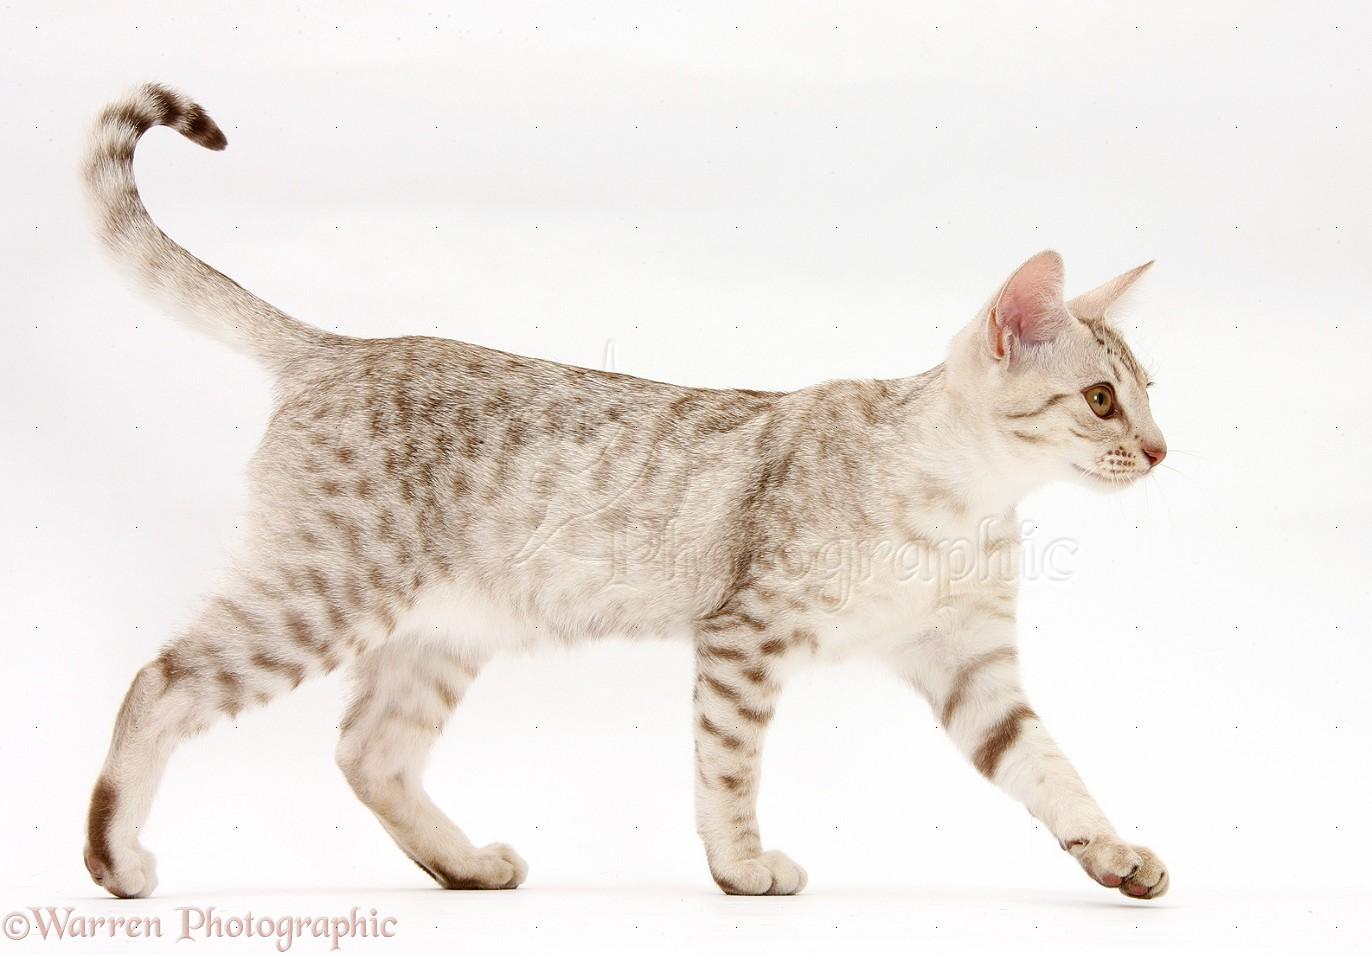 ocicat kitten walking across photo wp40501